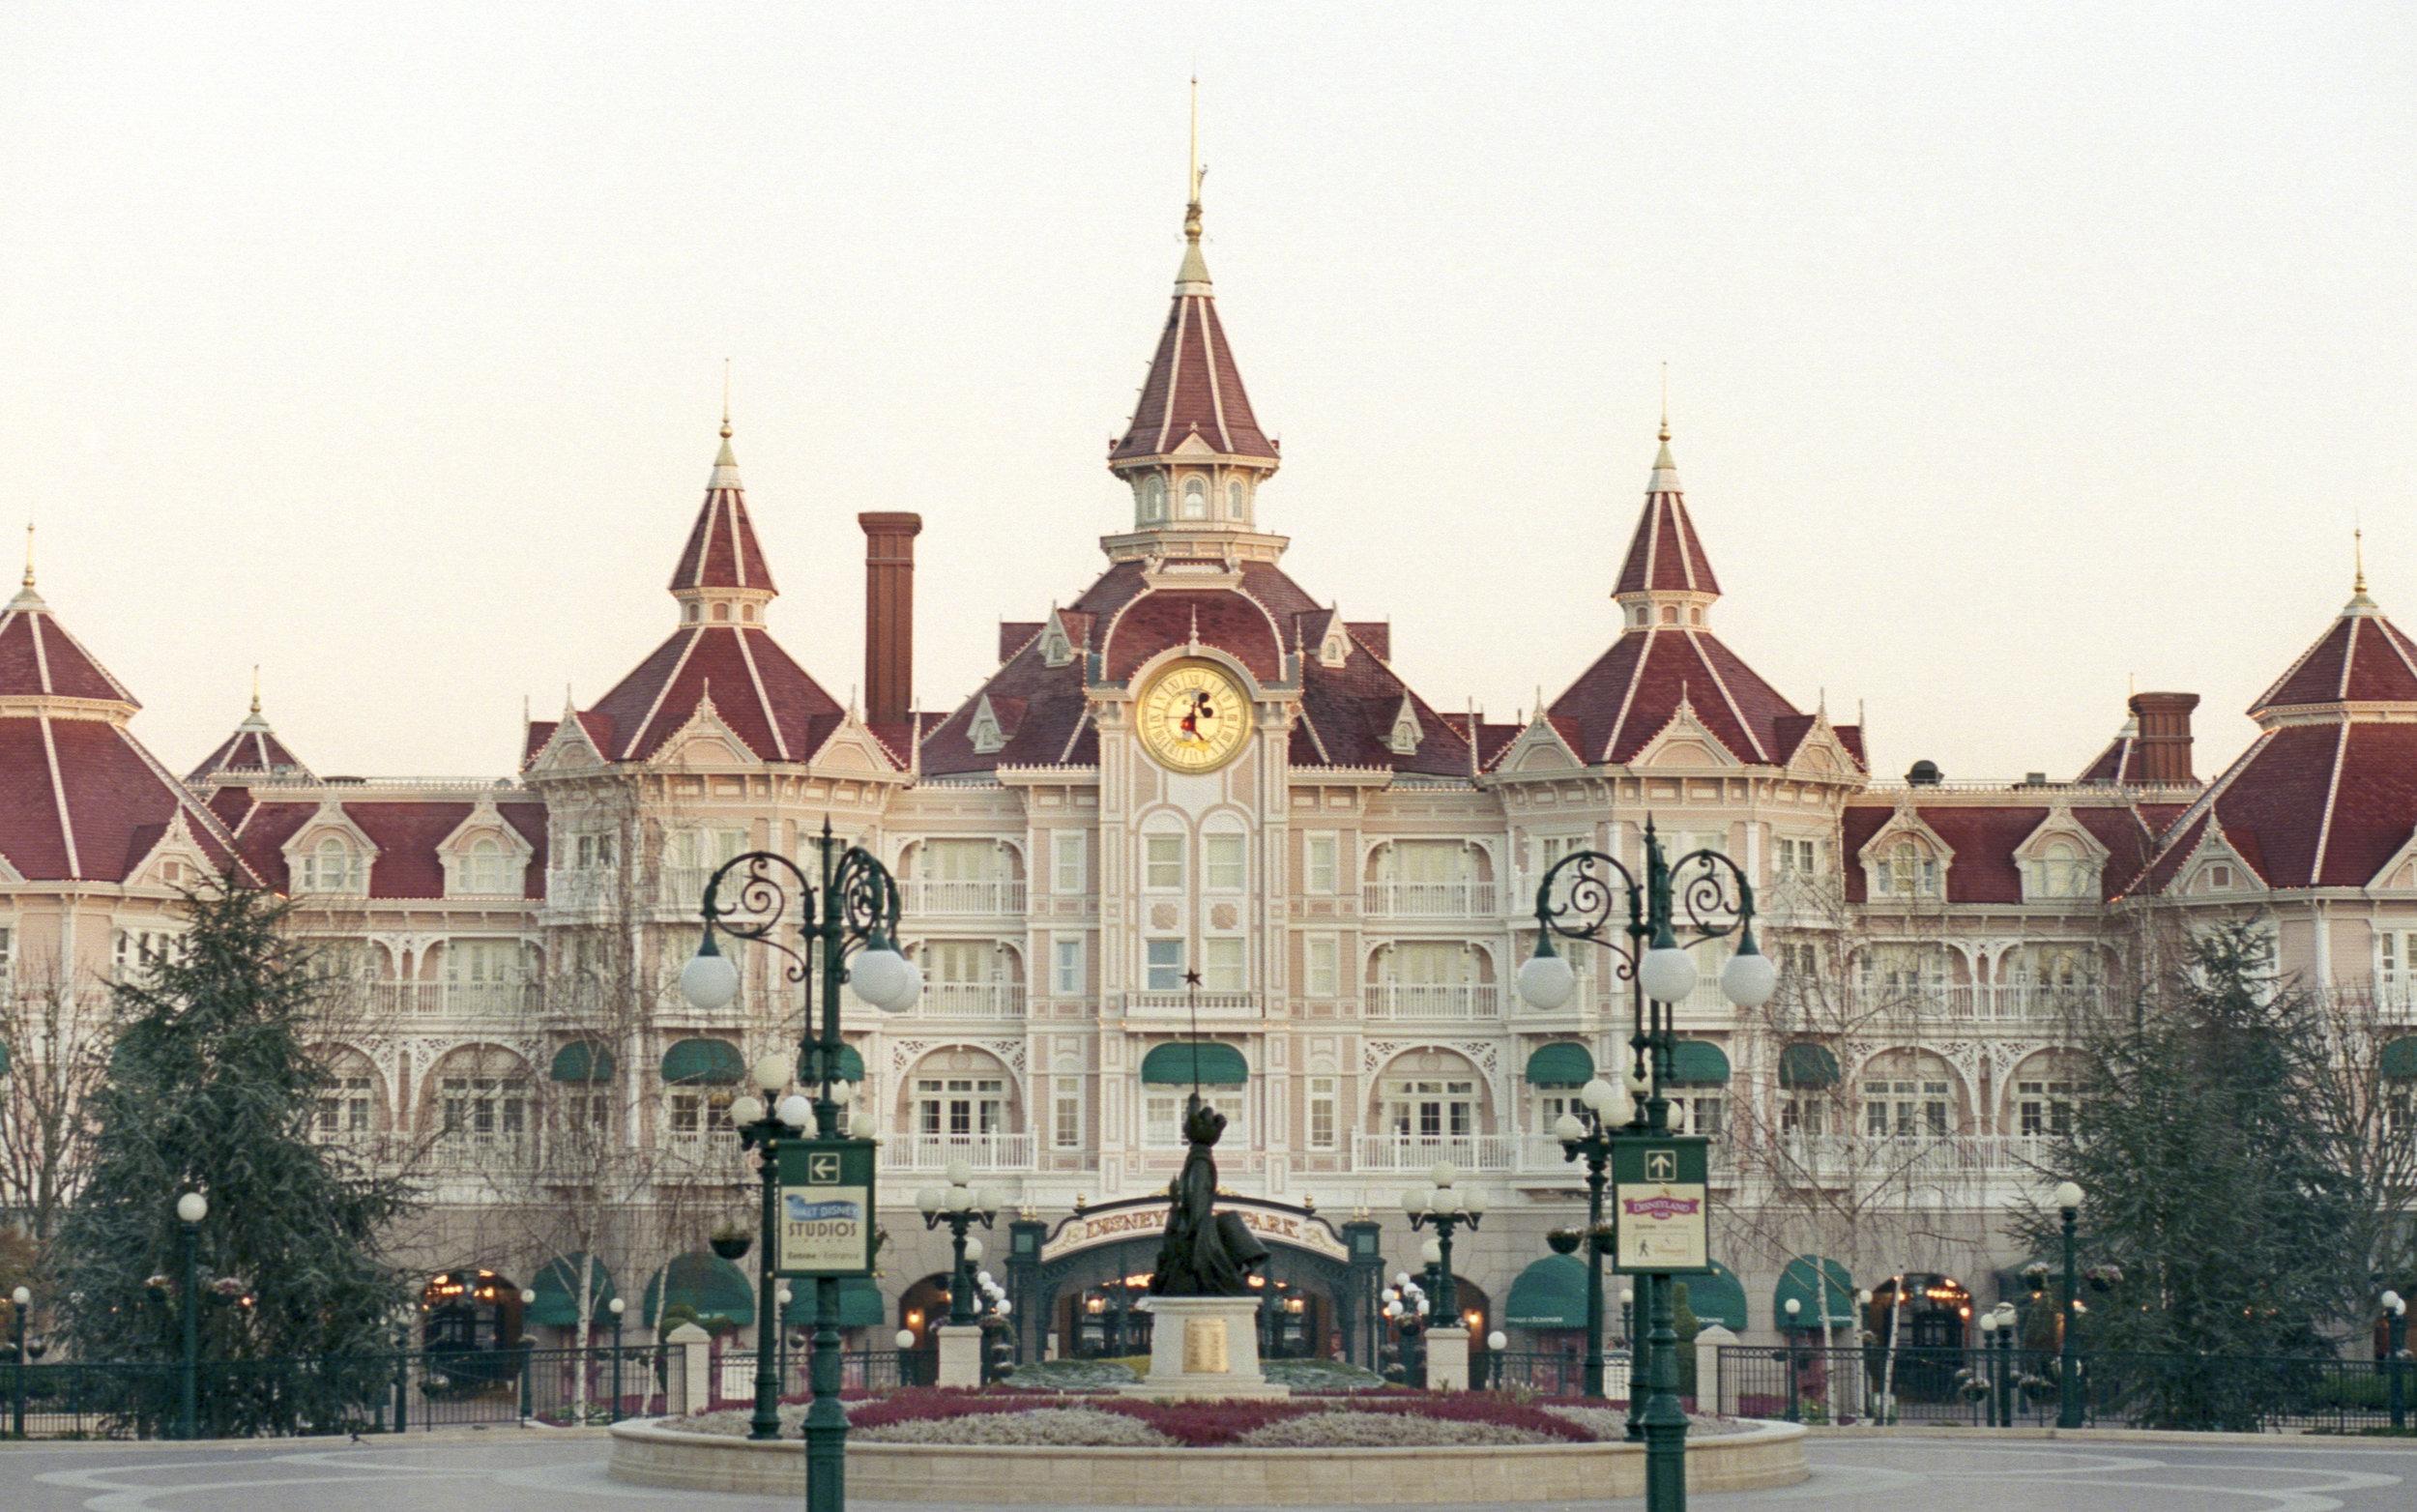 Disneyland Paris Hotel, 2019